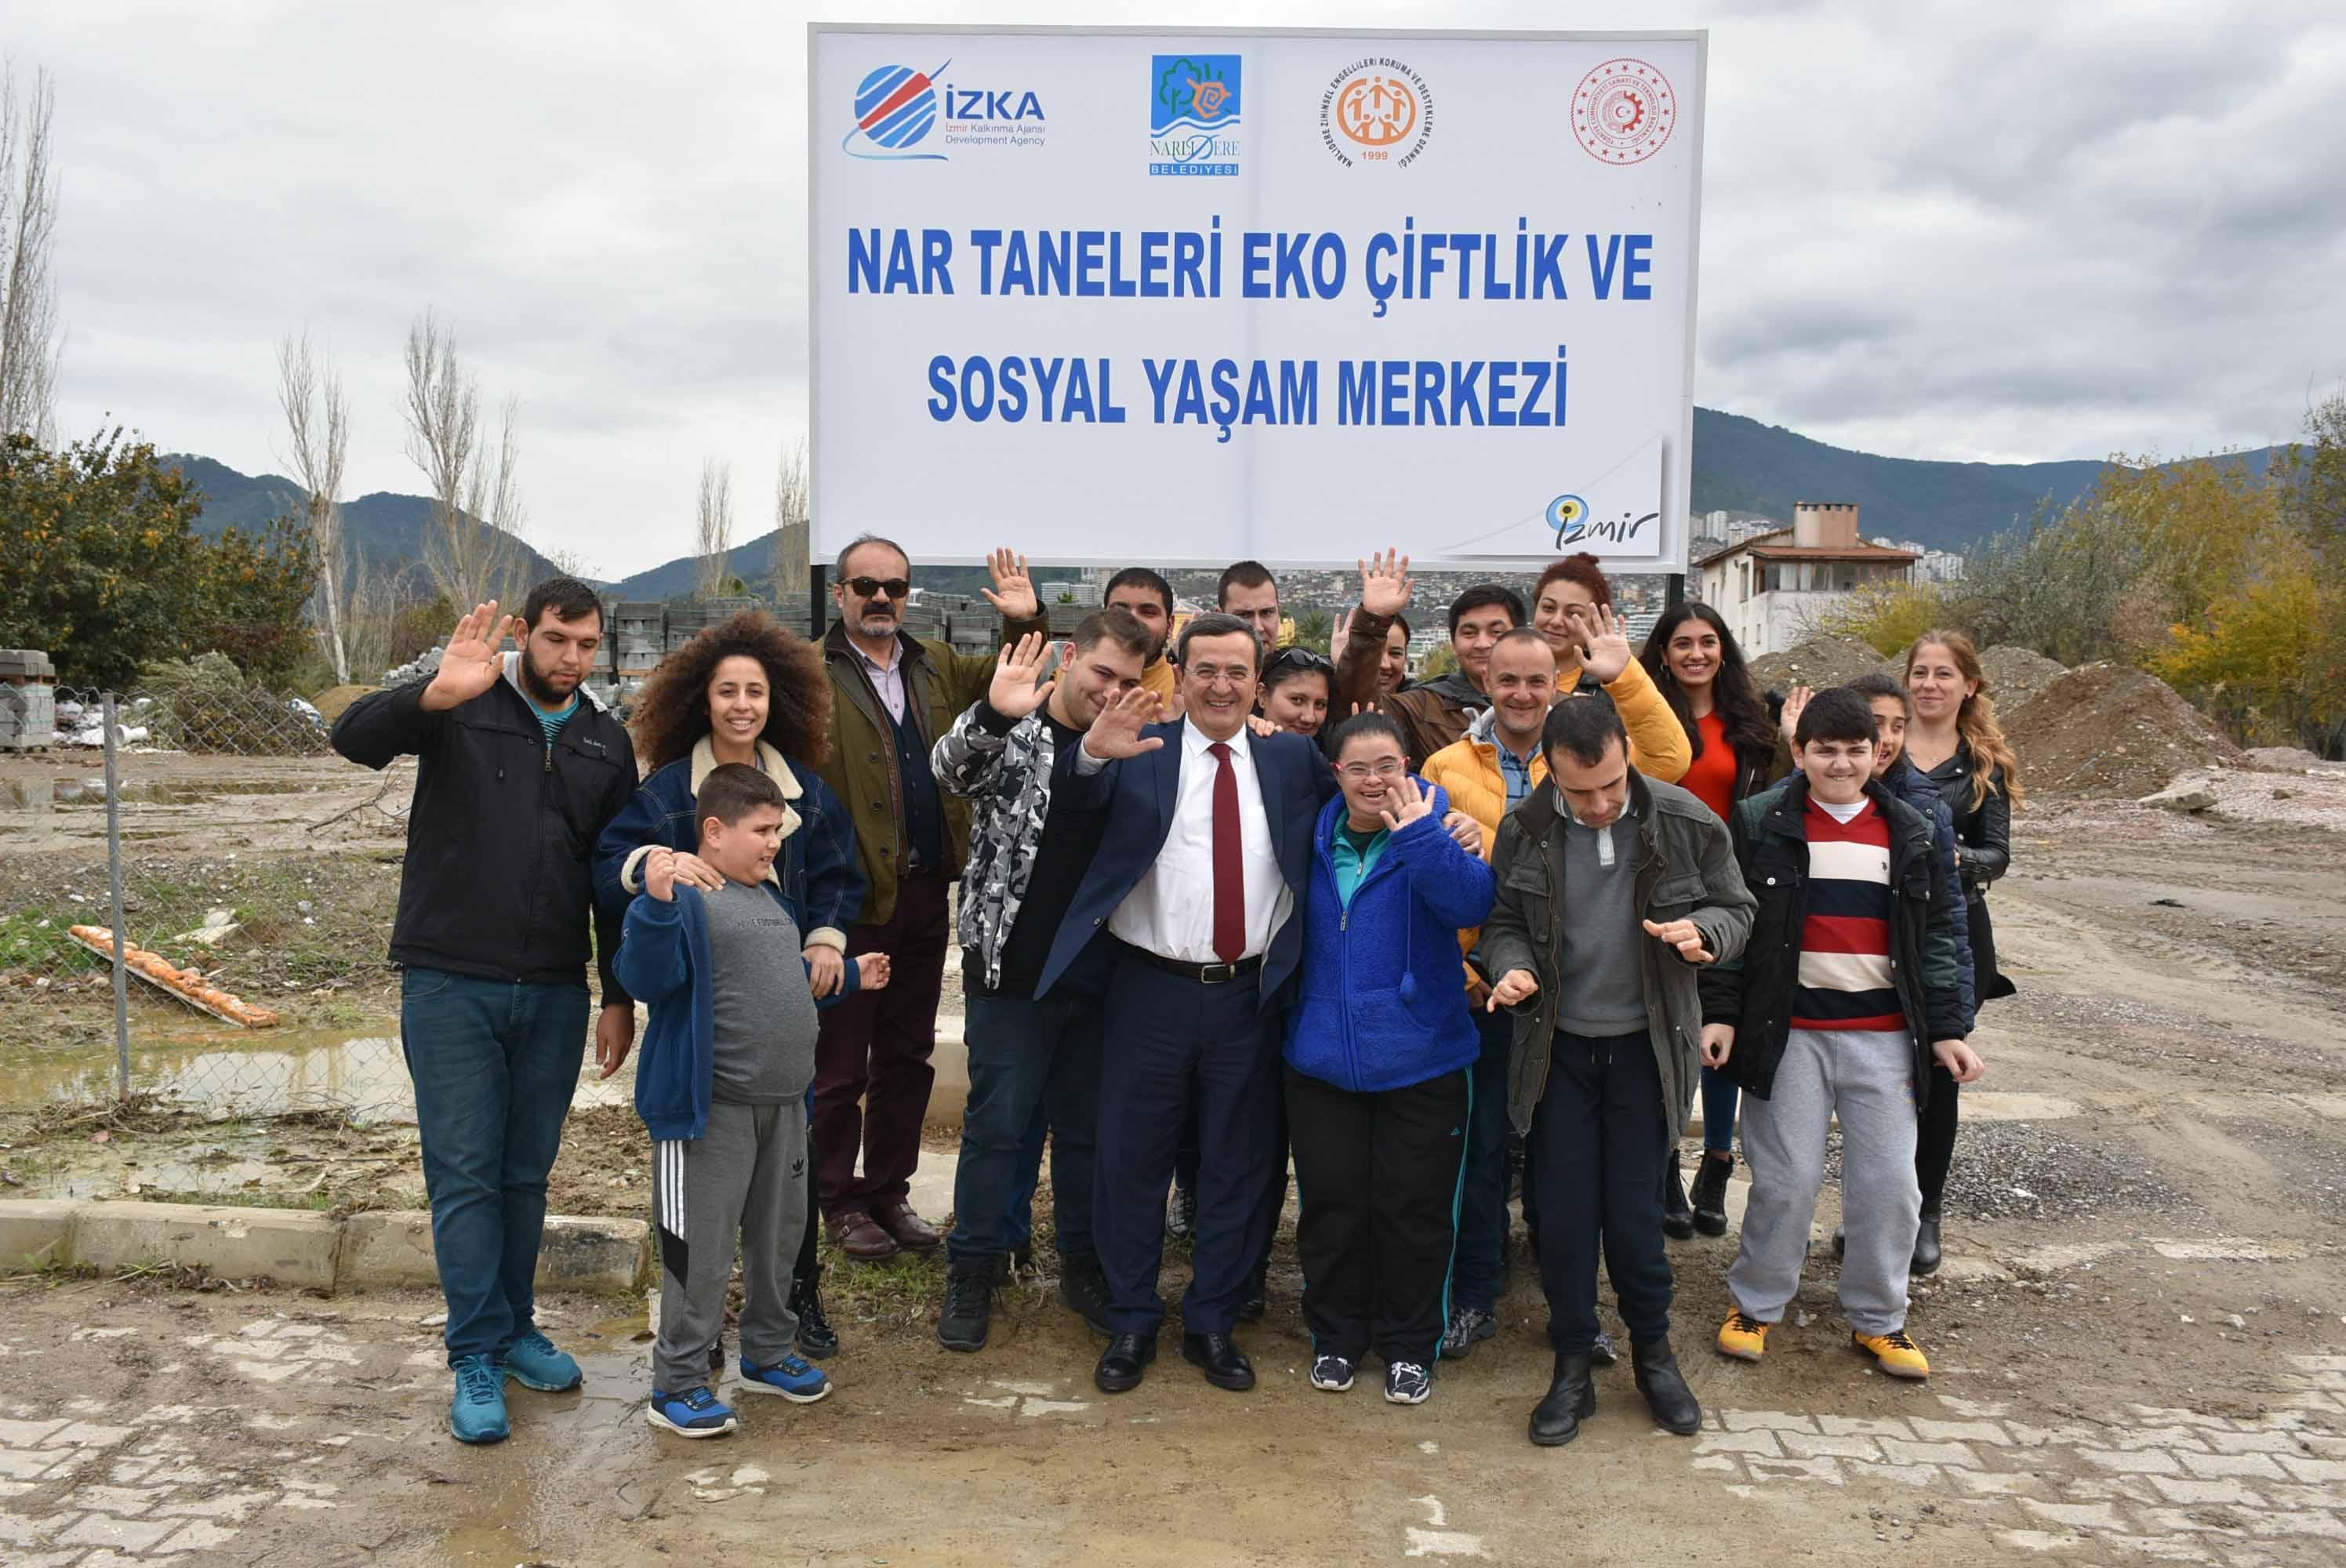 Nar Taneleri Özel Eğitim Merkezi ve Ekolojik Çiftlik Projesi yola çıktı